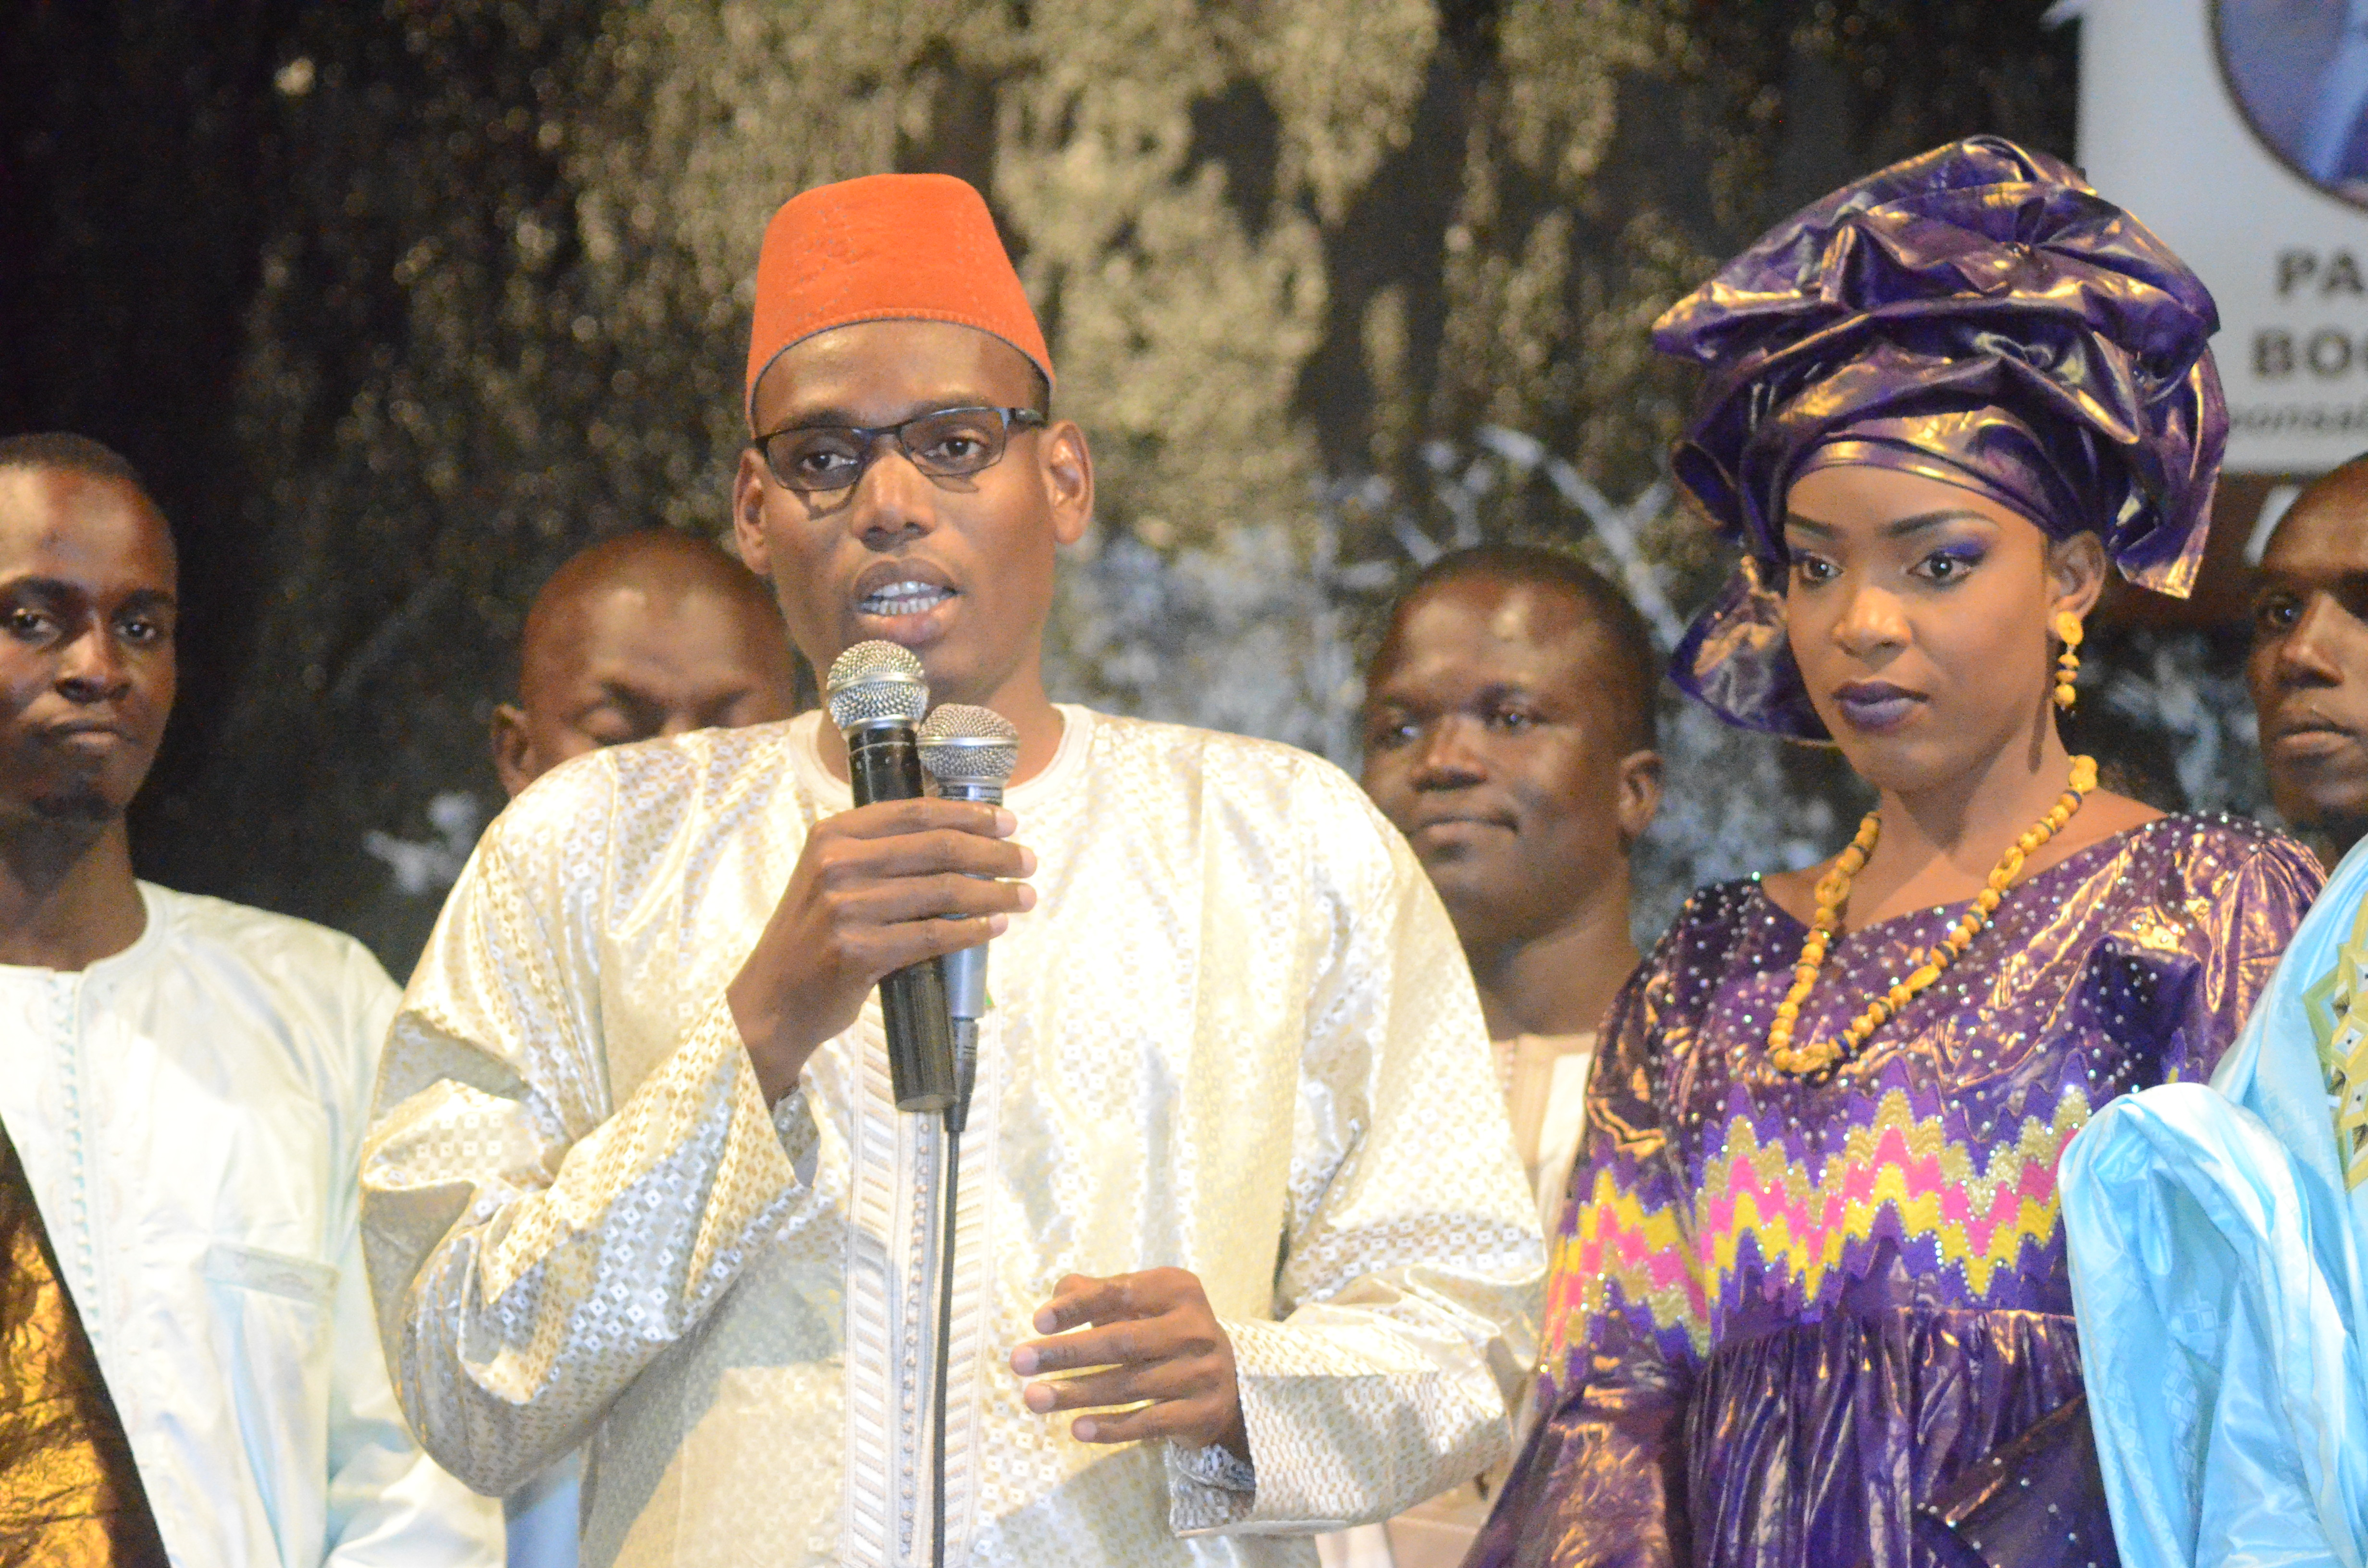 Première Edition soirée culturelle de l'Association Boyinadji Ma fierté de Bokidiawé, le parrain Bocar Abdoulaye Ly appelle à l'union des cœurs (51)